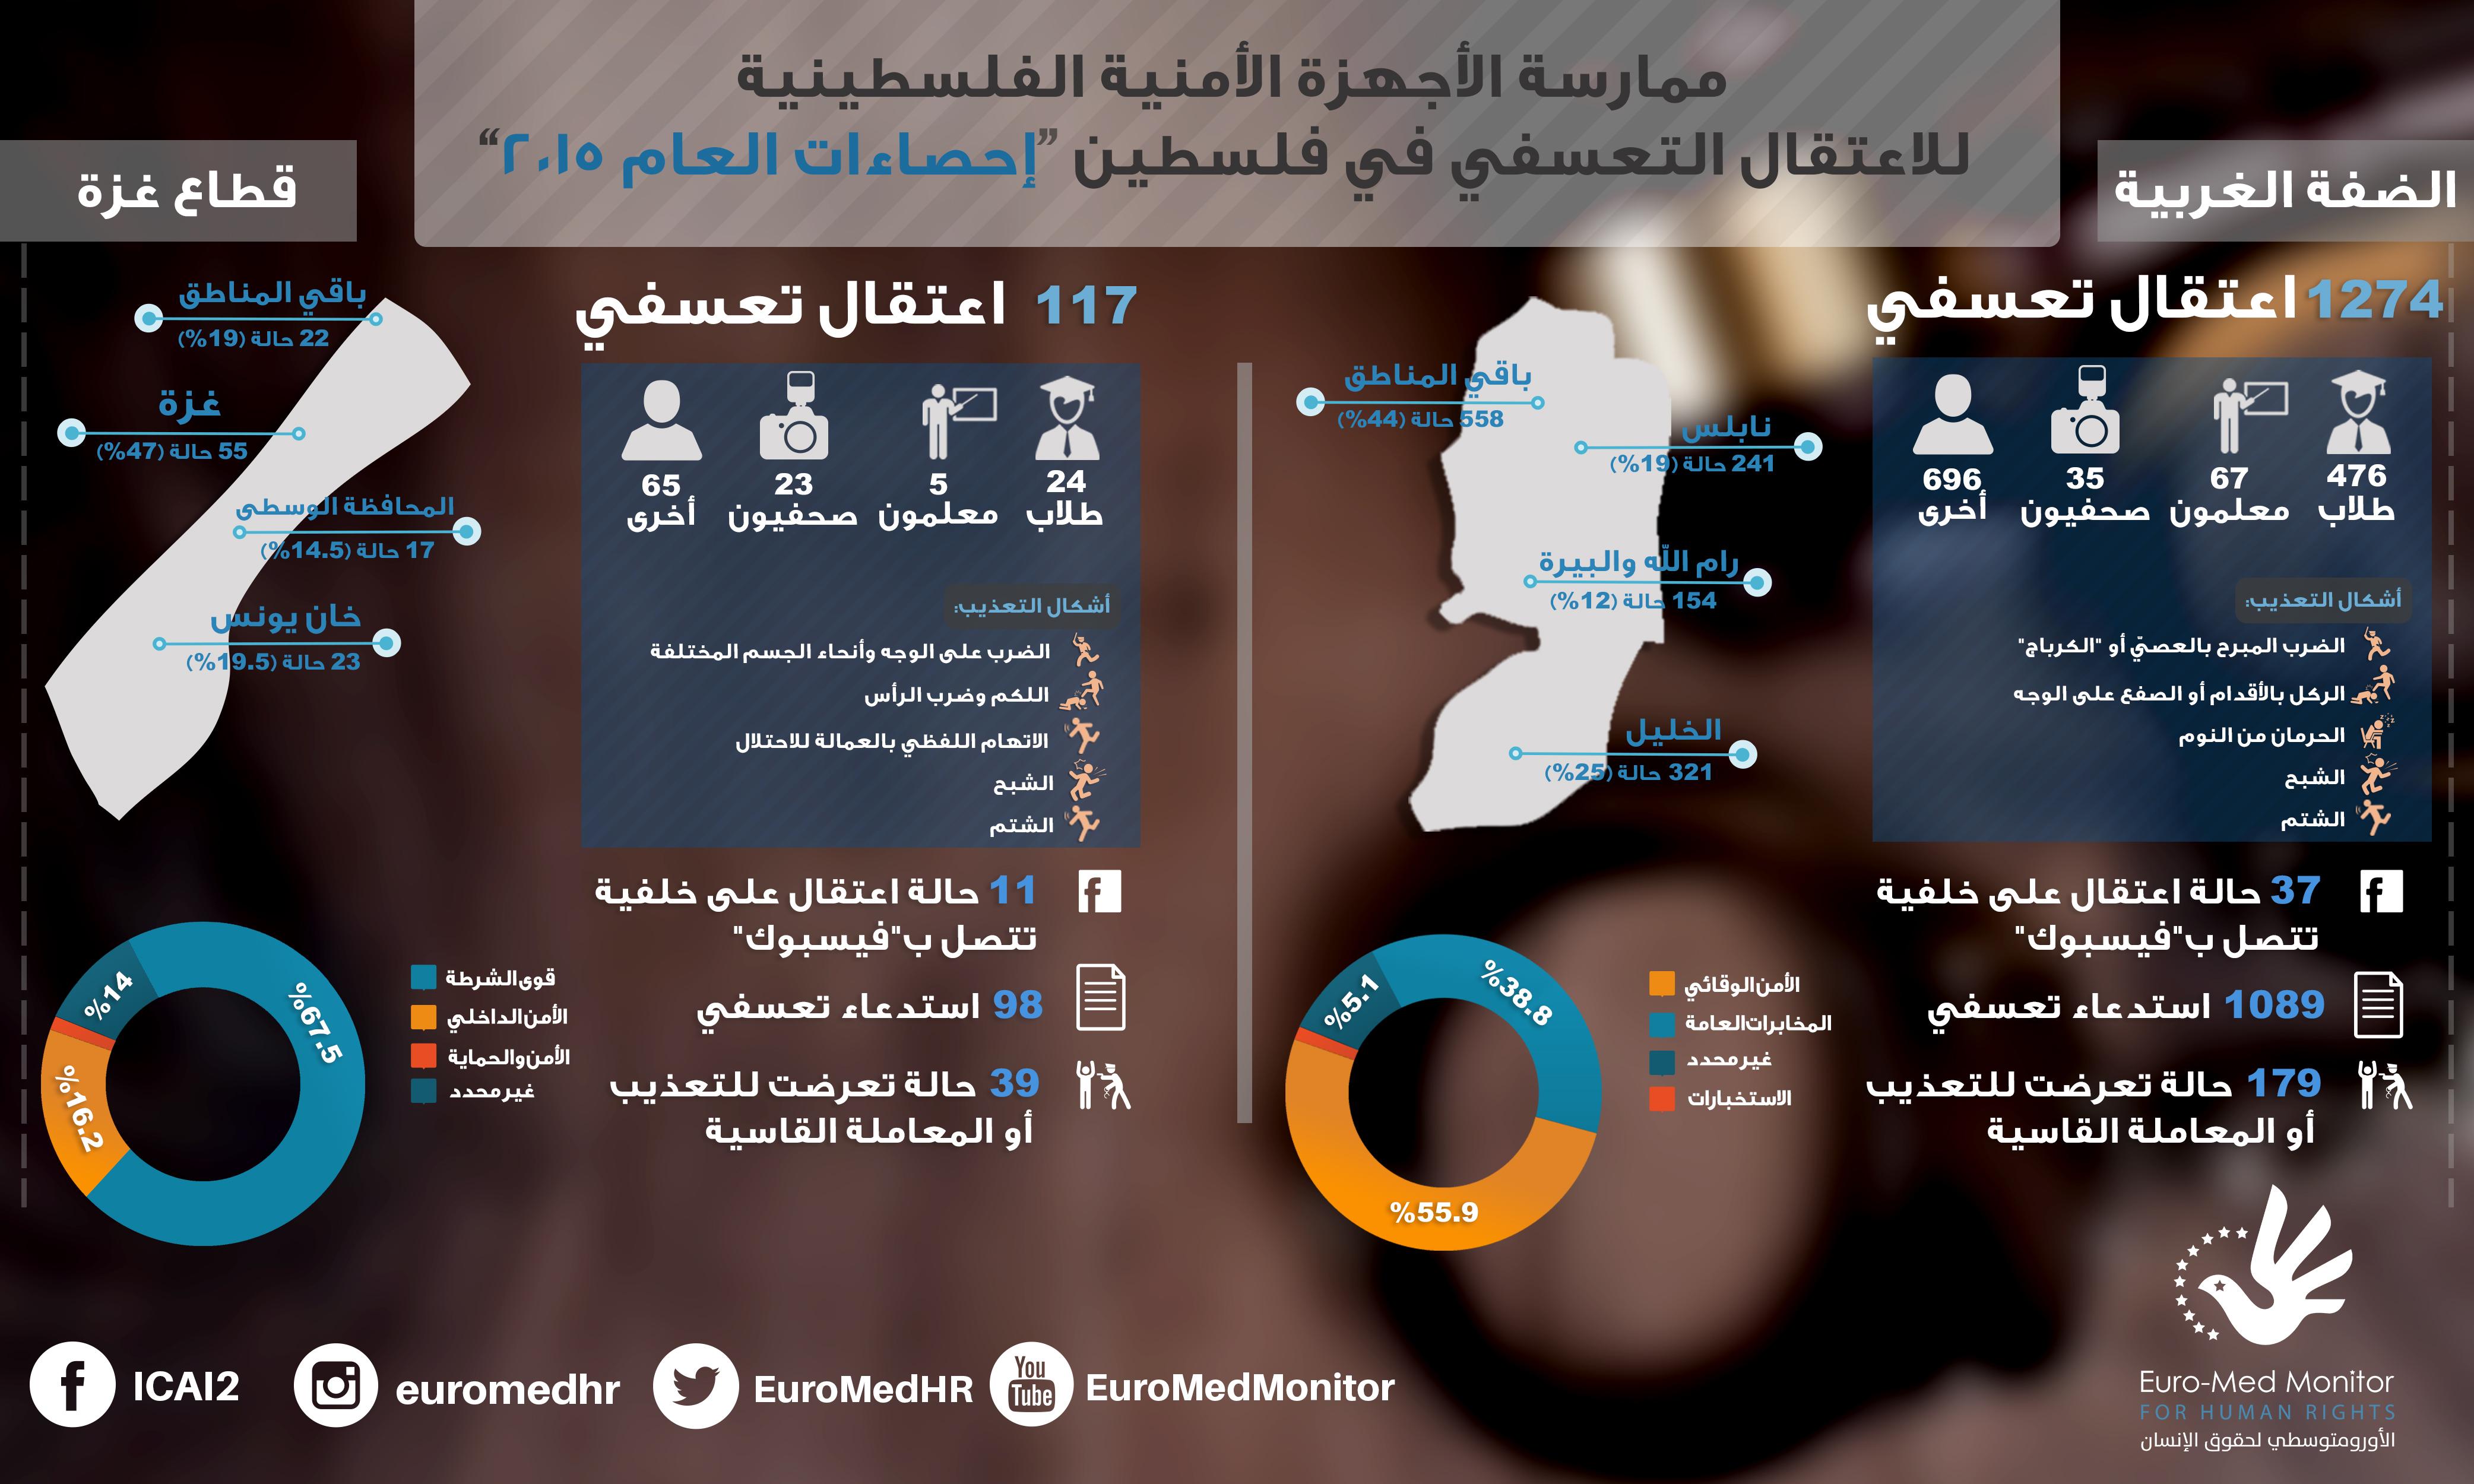 1391 حالة اعتقال تعسفي من قبل الأجهزة الأمنية الفلسطينية في الضفة وغزة خلال العام الماضي